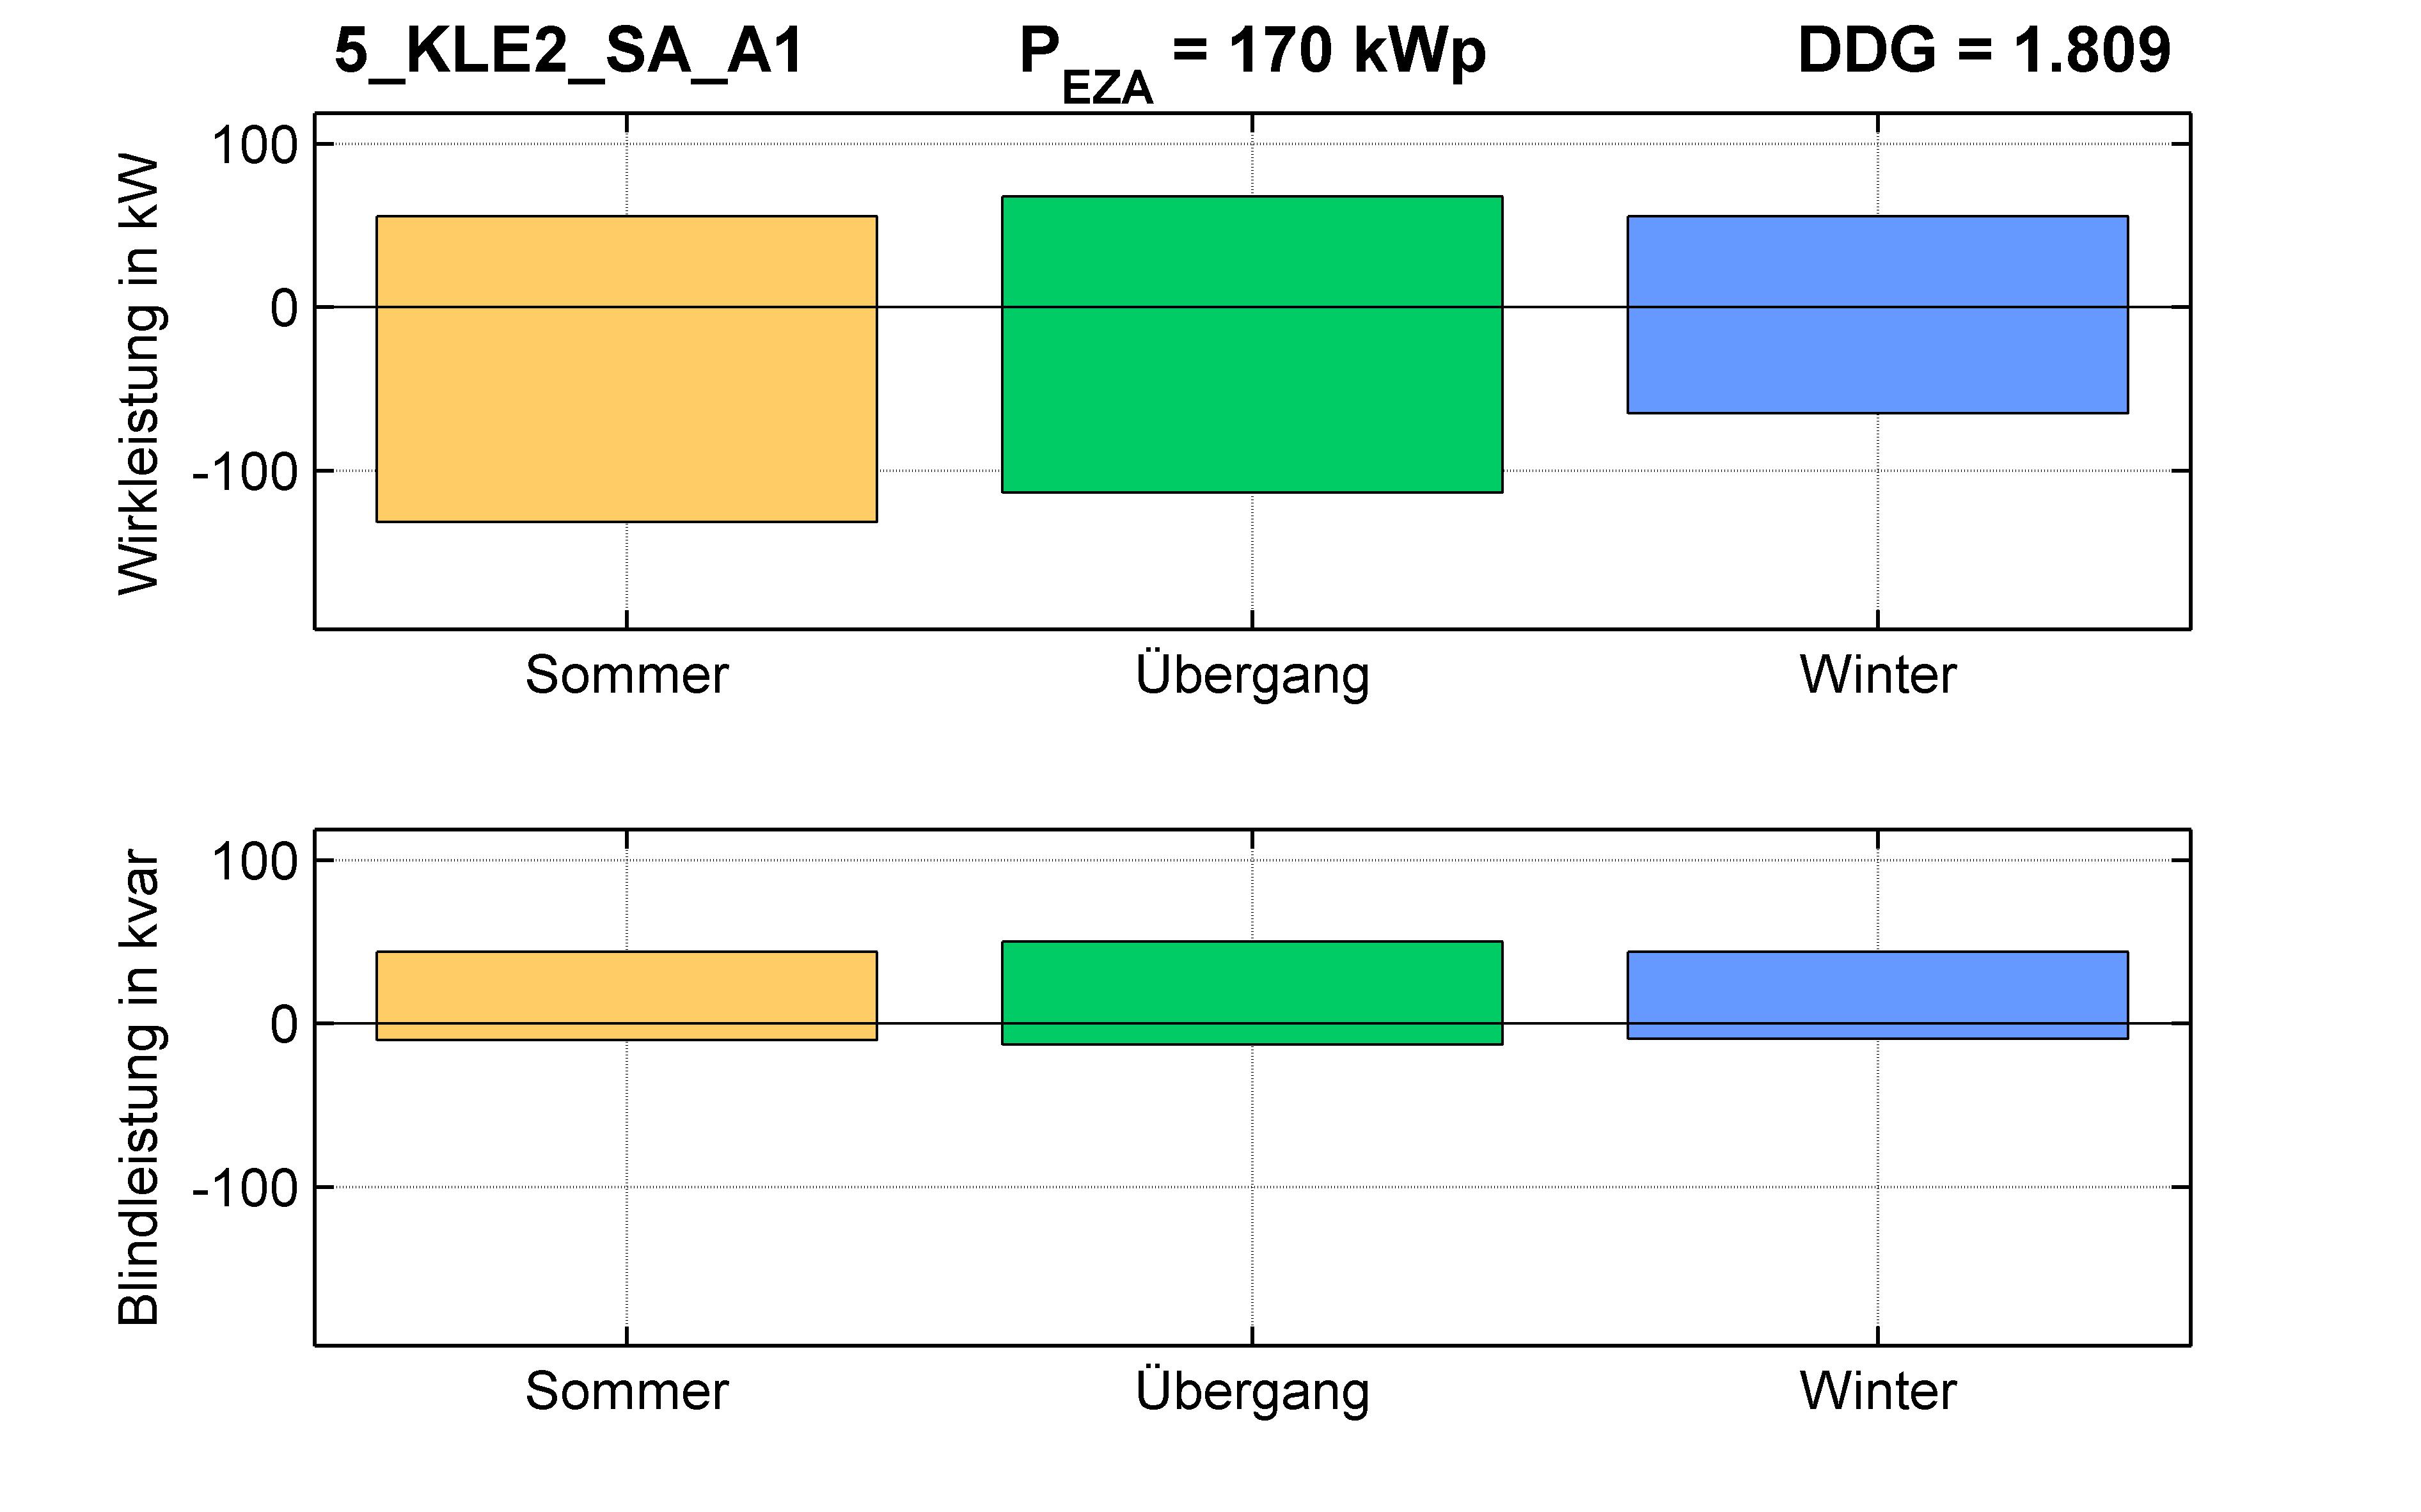 KLE2 | STATION (SA) A1 | PQ-Bilanz